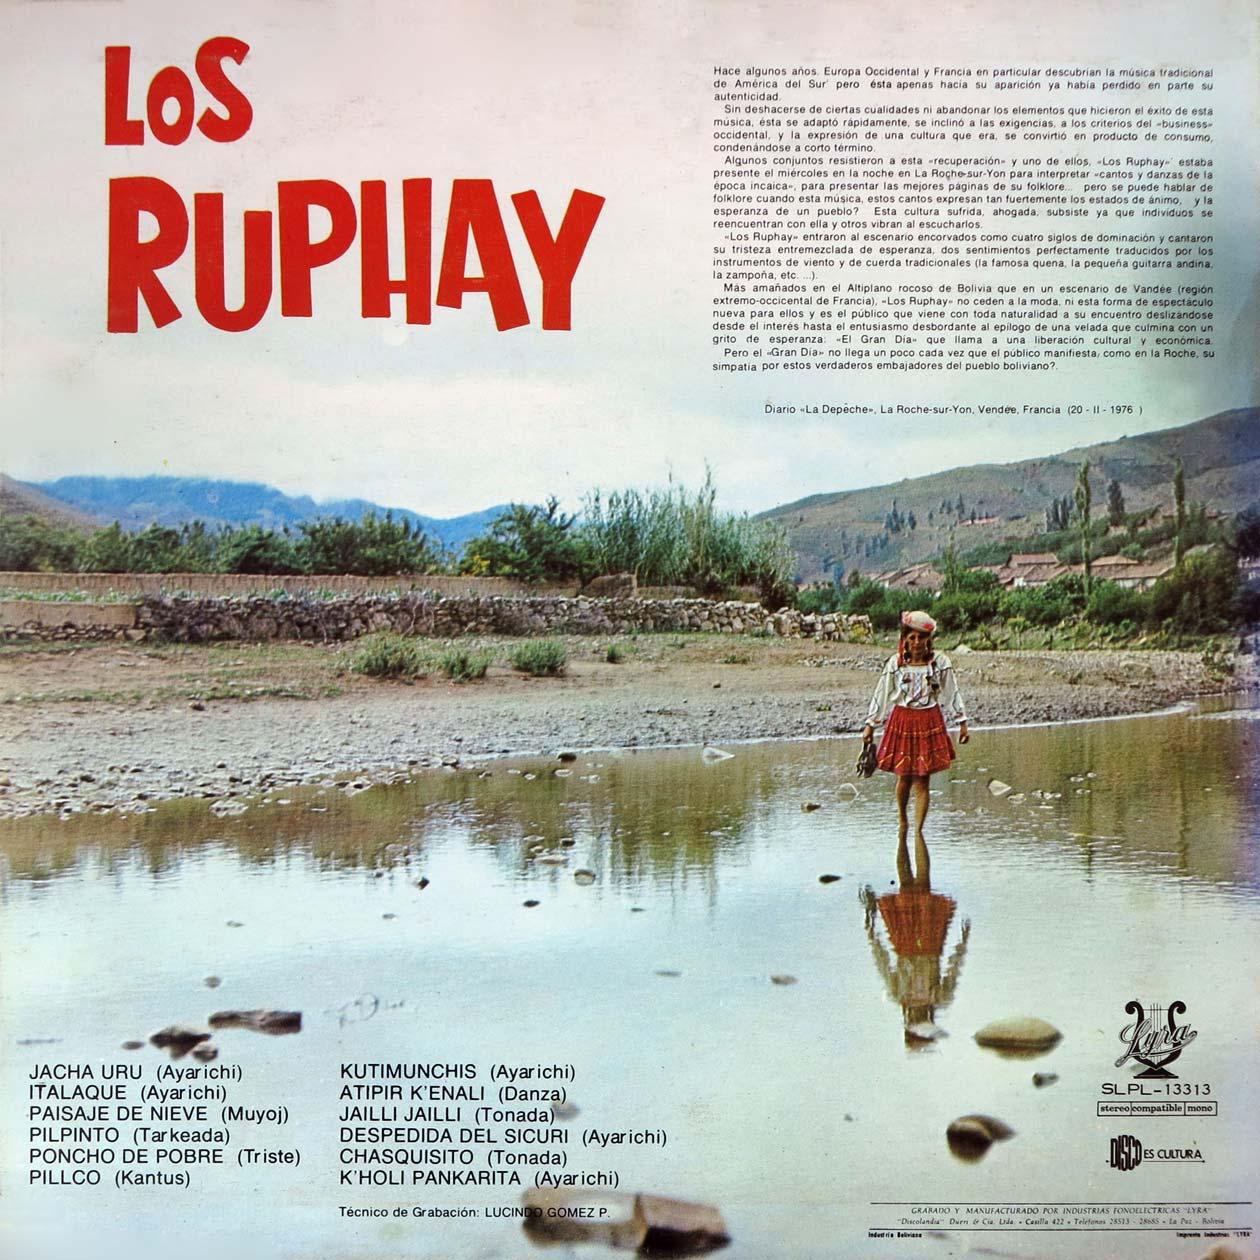 Los Ruphay